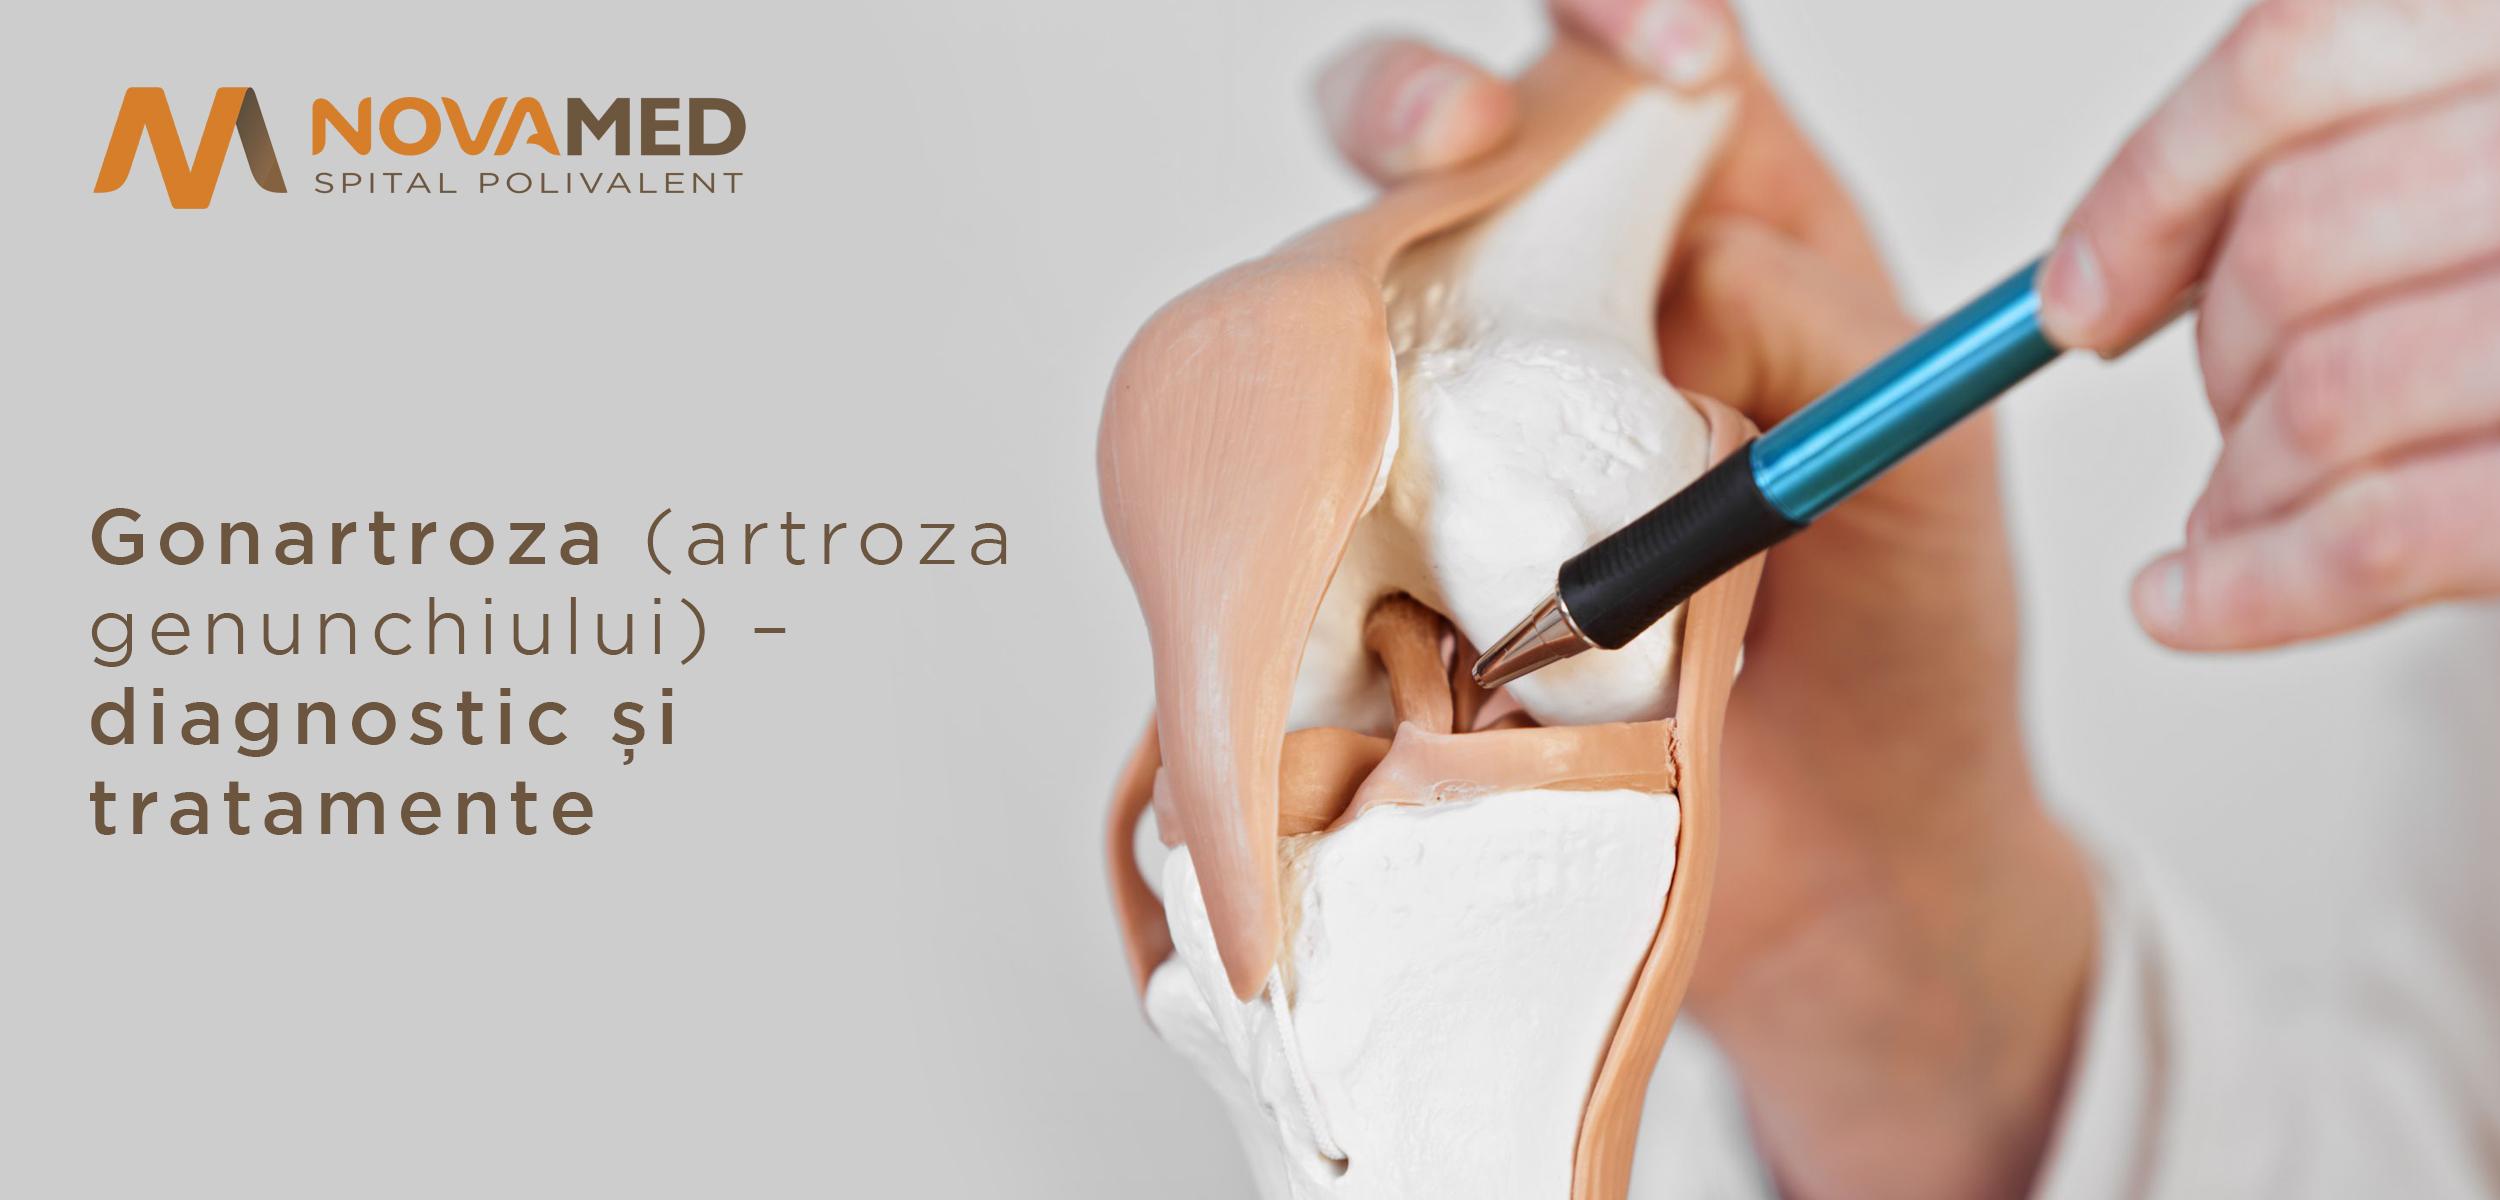 artroza și tratamentul acesteia cu medicamente